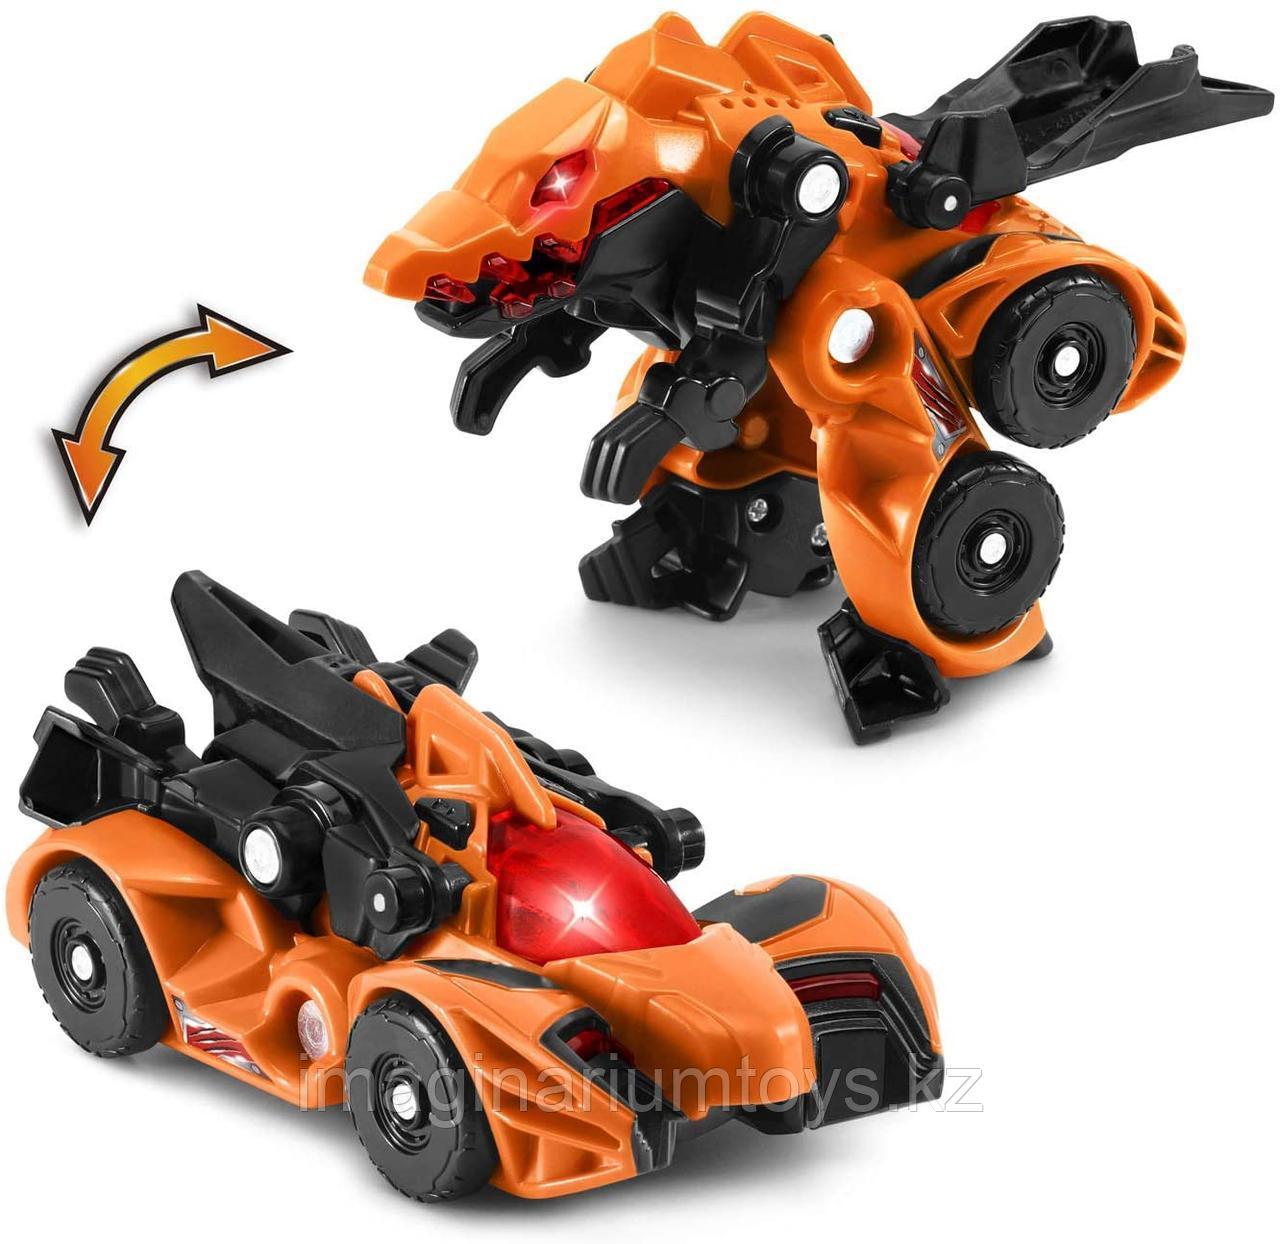 Машинка мини трансформер Динозавр Спинозавр VTech